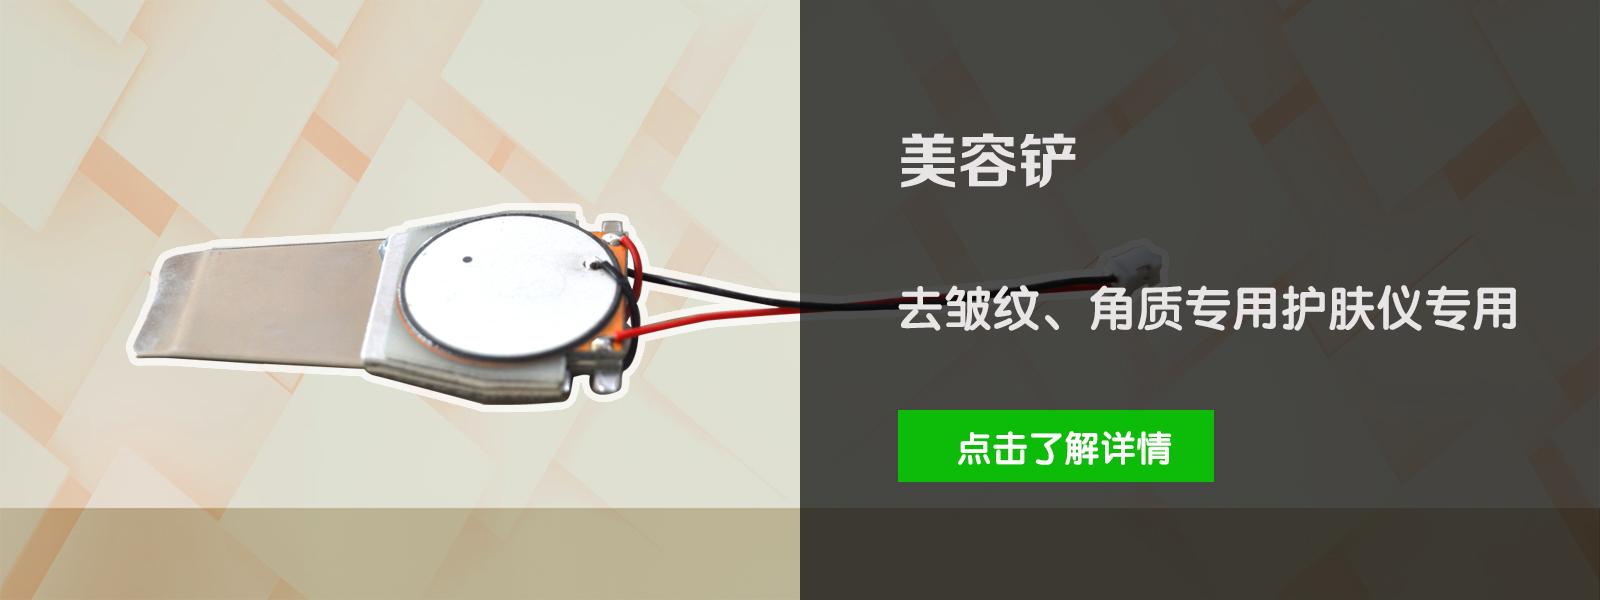 超聲波換能片-東莞思威特電子